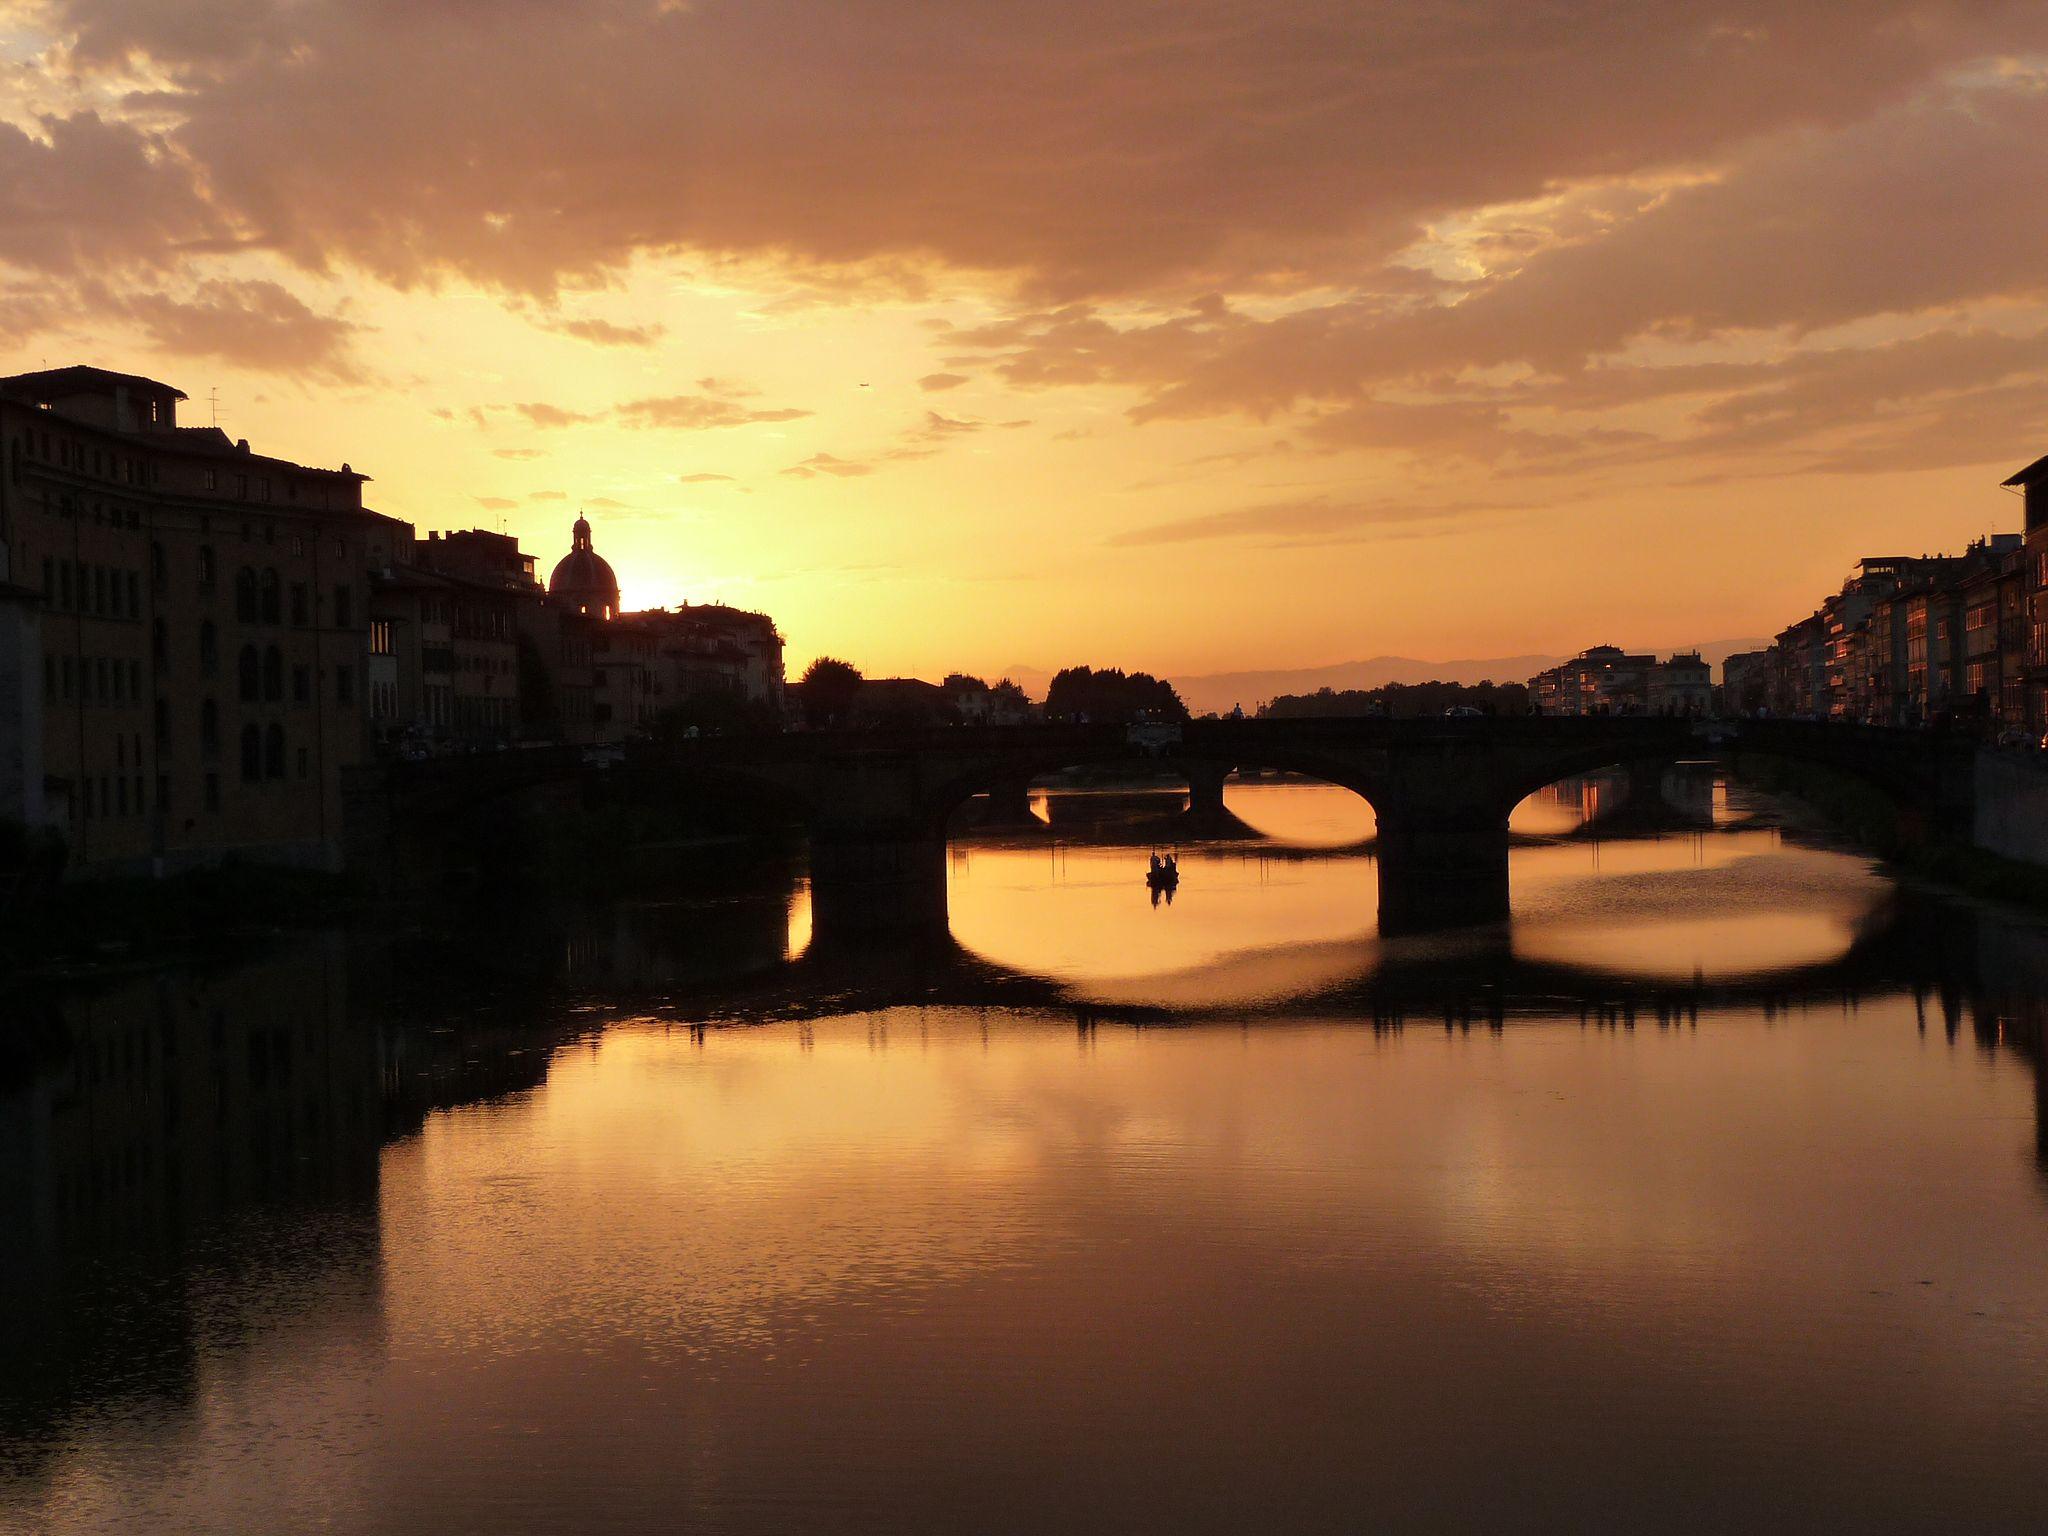 Vista dal Ponte Vecchio, Ponte Santa Trinita e la chiesa di San Frediano in Cestello